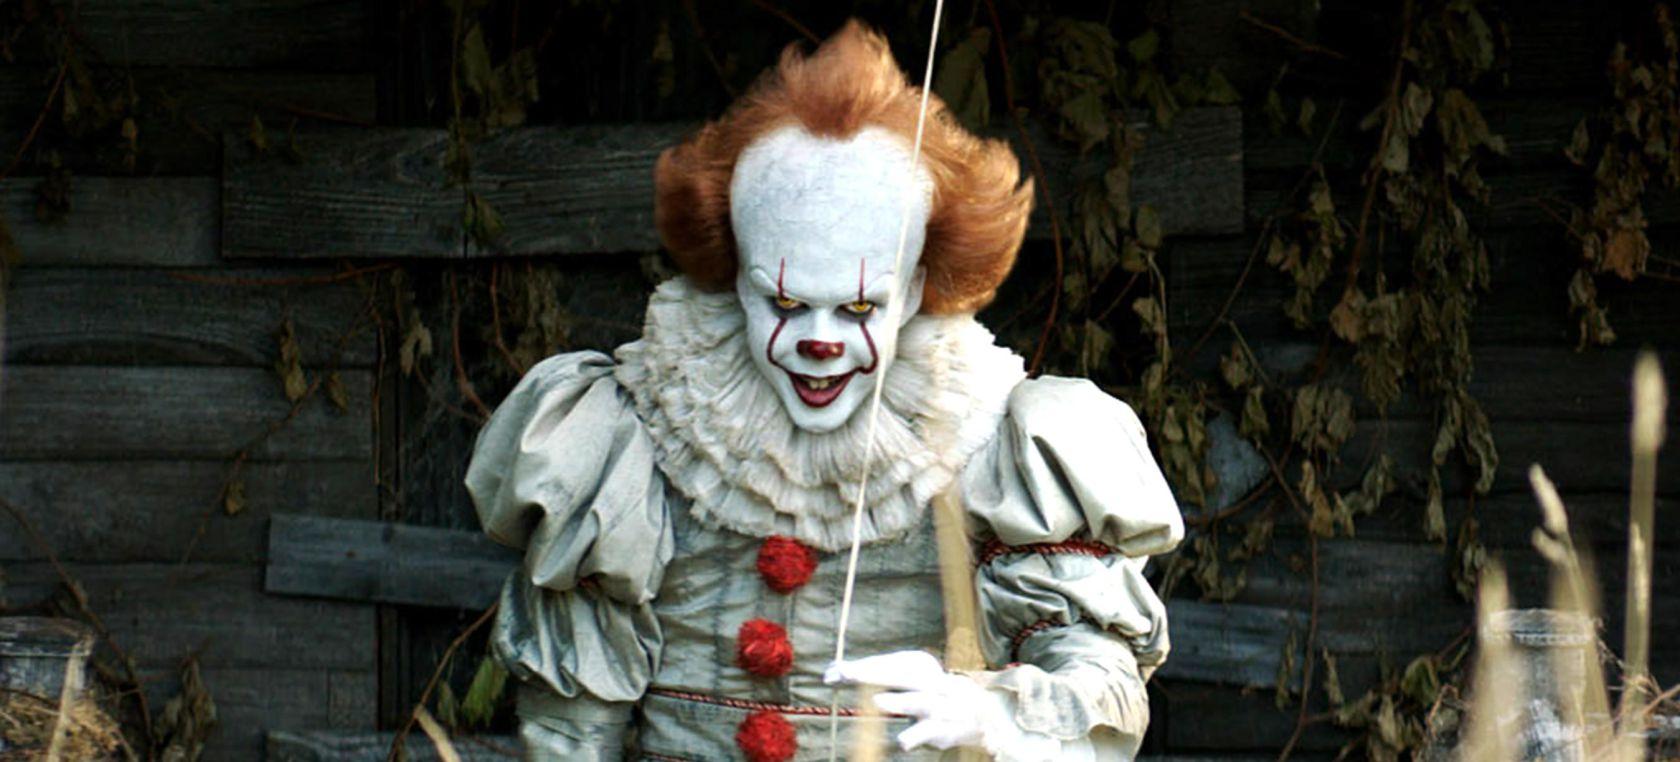 IT 2 presentará la escena más sangrienta del cine de terror